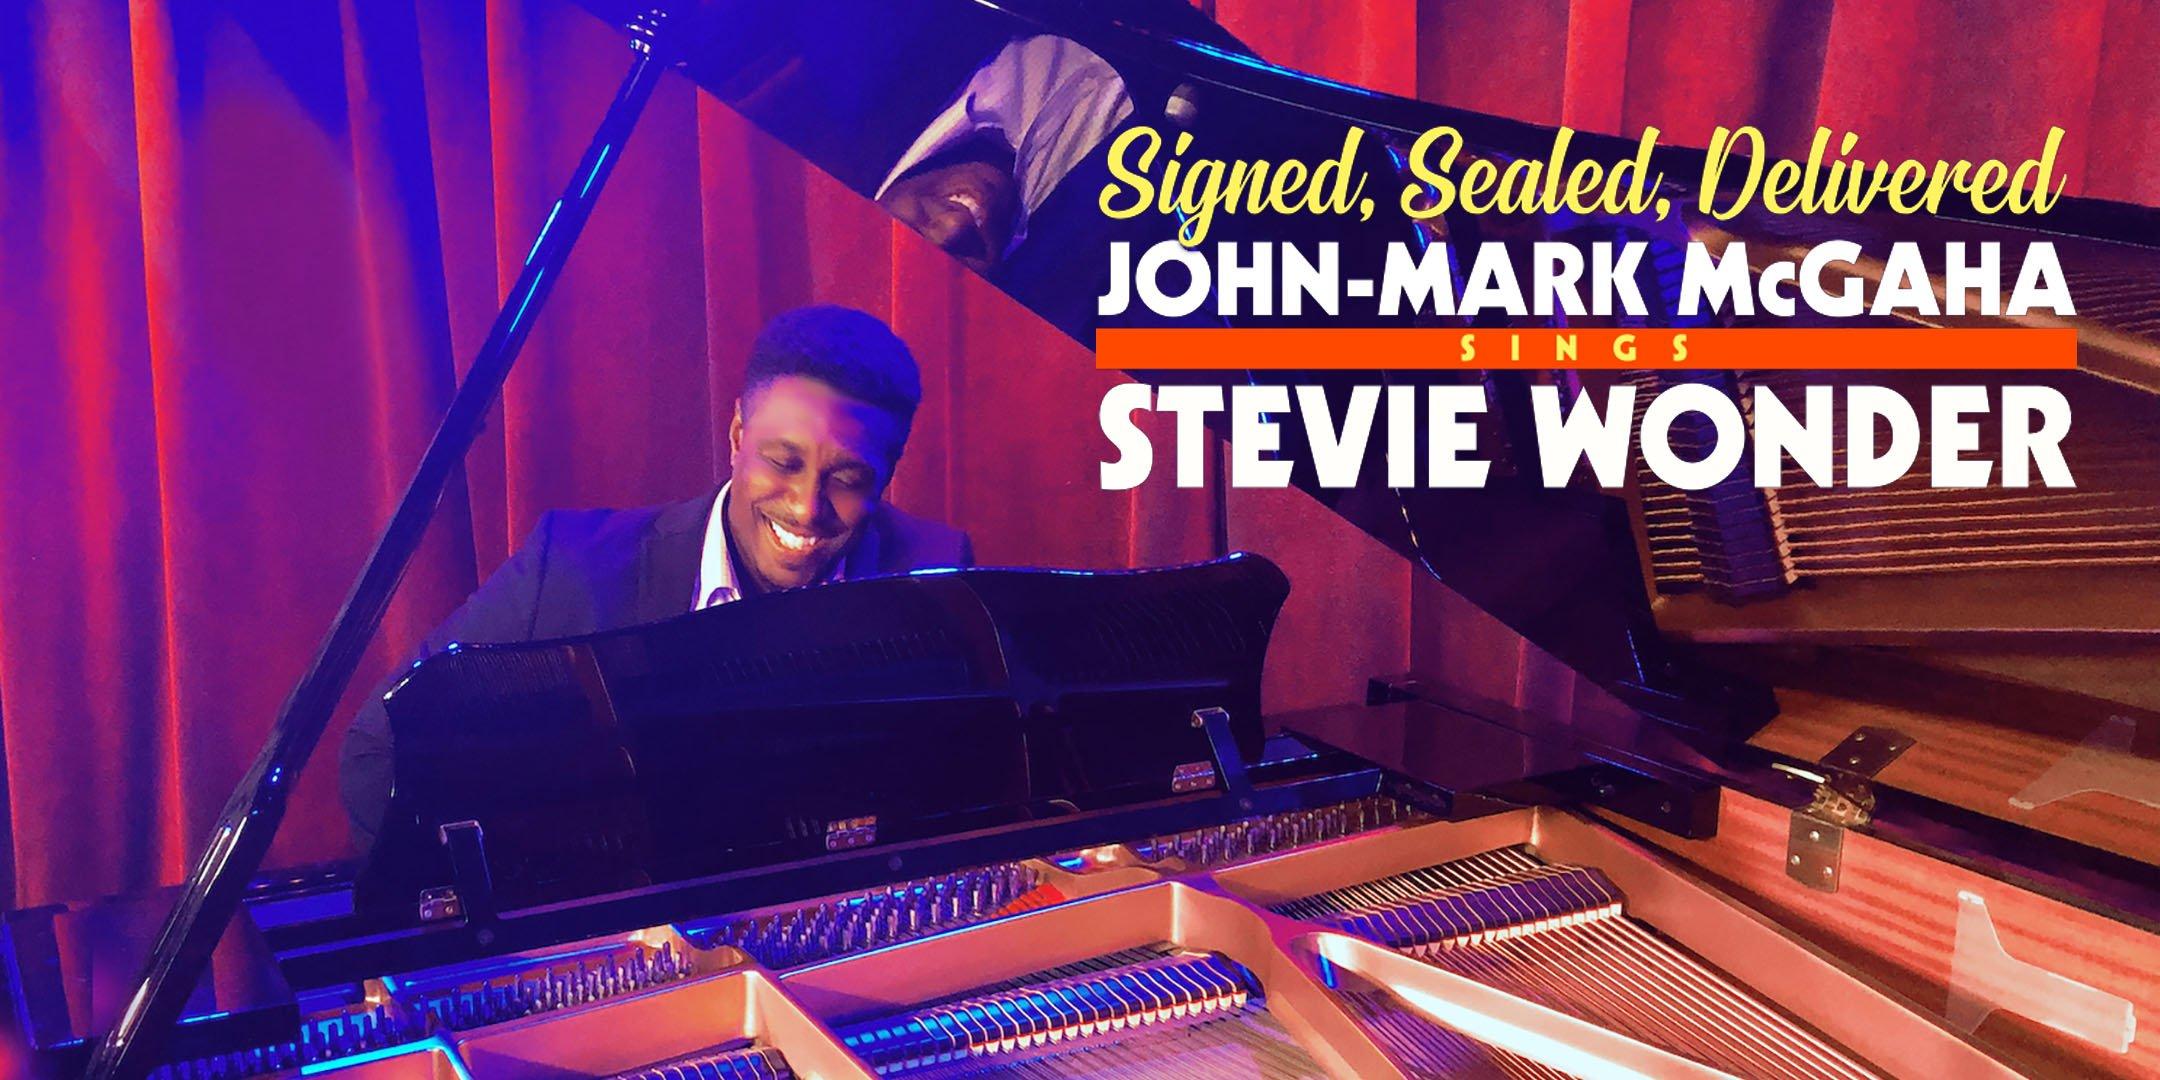 John-Mark McGaha sings Stevie Wonder